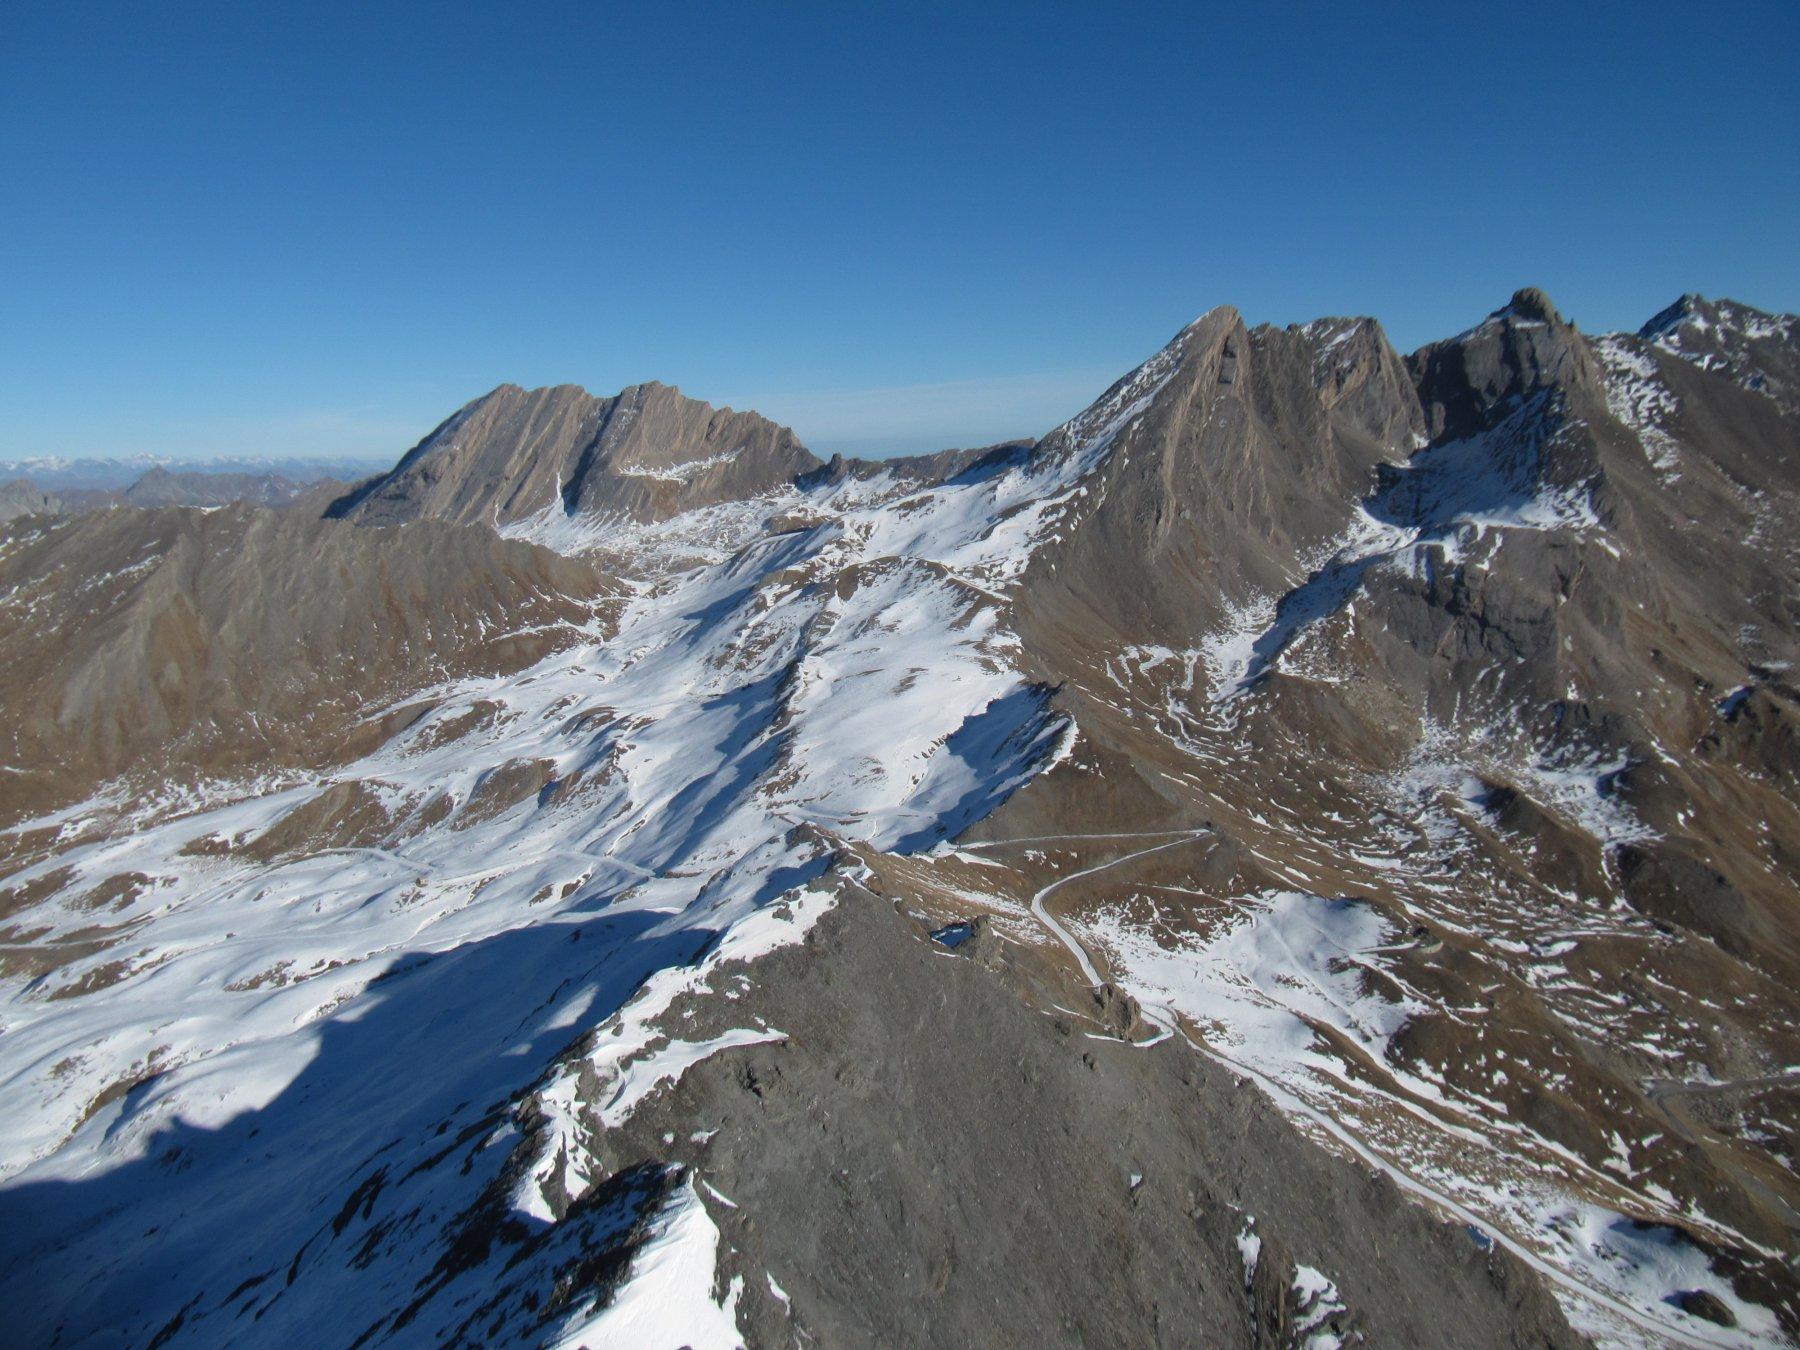 Situazione neve al Colle dell'Agnello